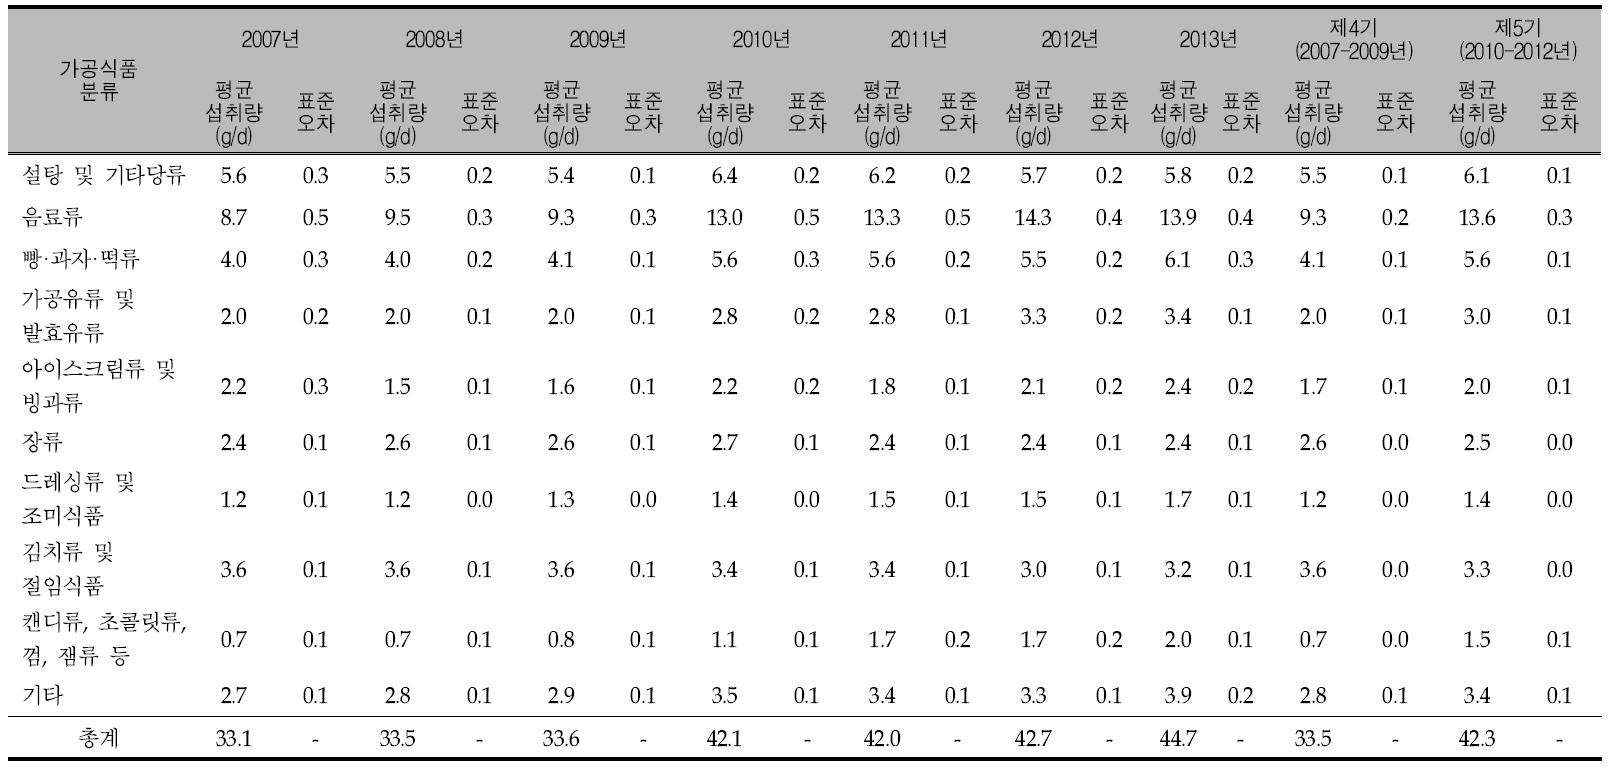 연도별 가공식품 10군의 우리 국민의 1인1일 평균 당류 섭취량: 국민건강영양조사 2007-2013년, 제4기(2007-2009년)와 제5기(2010-2012년)